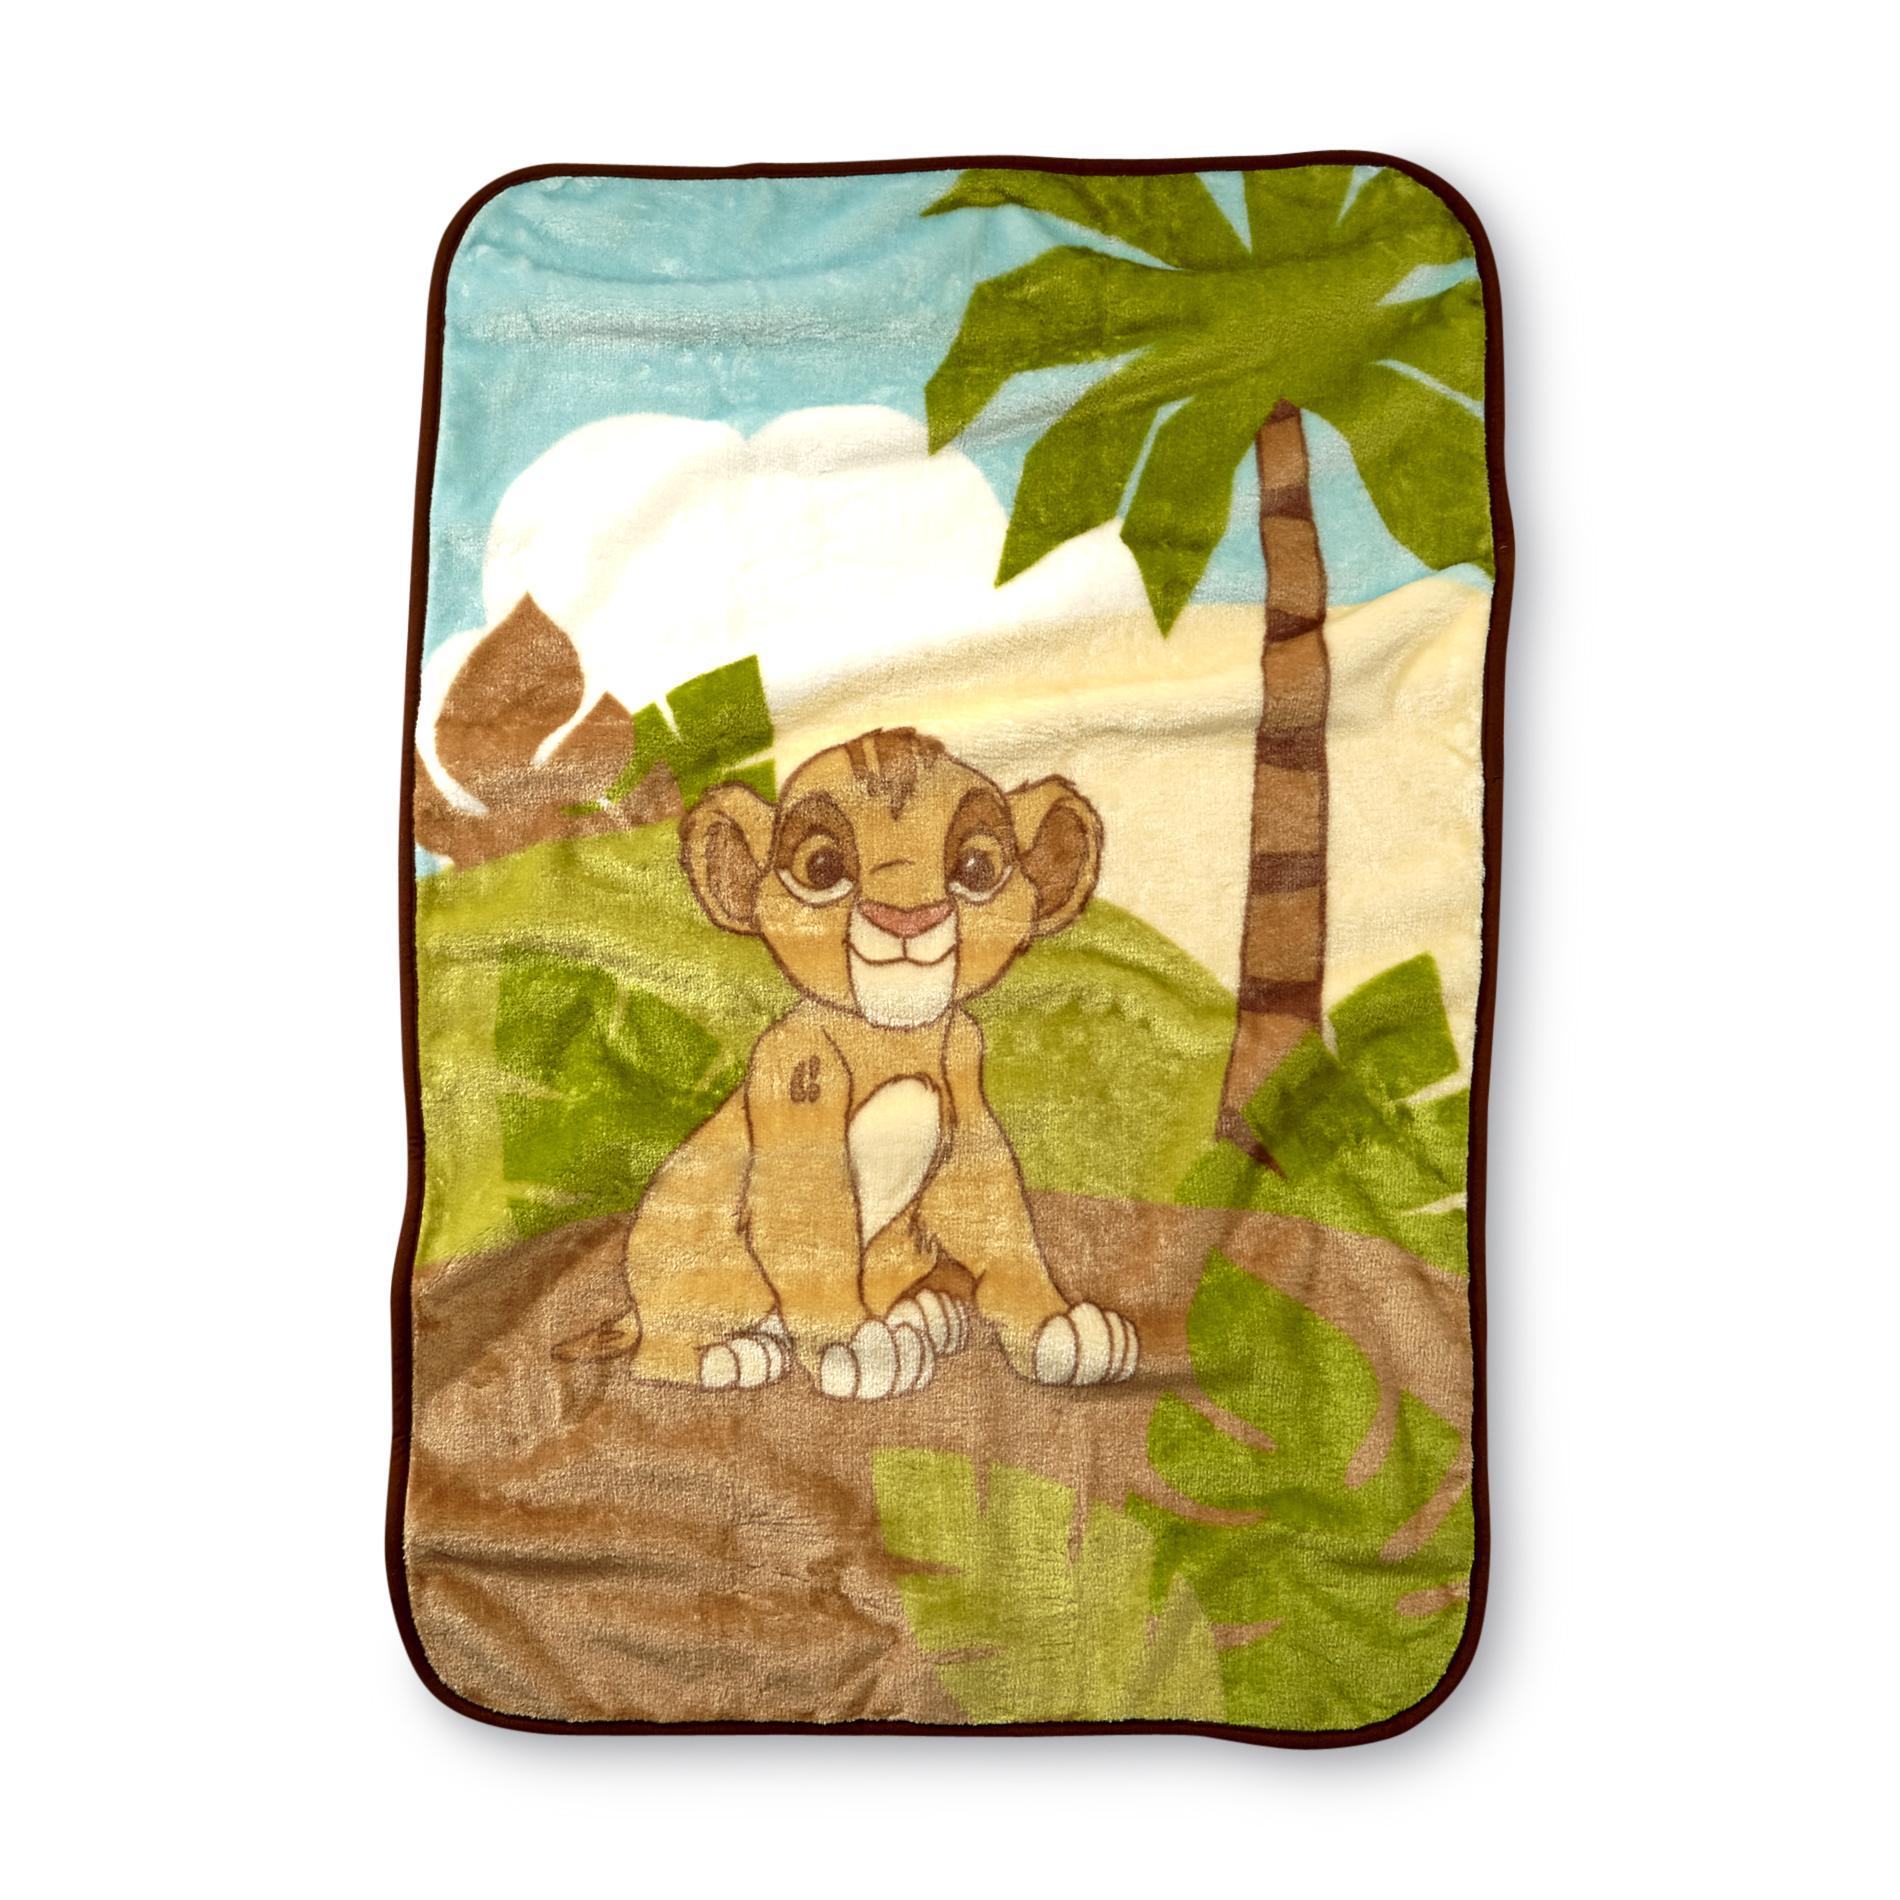 Disney Infant's Lion King Plush Blanket PartNumber: 024W005716664001P KsnValue: 5716664 MfgPartNumber: 5090225